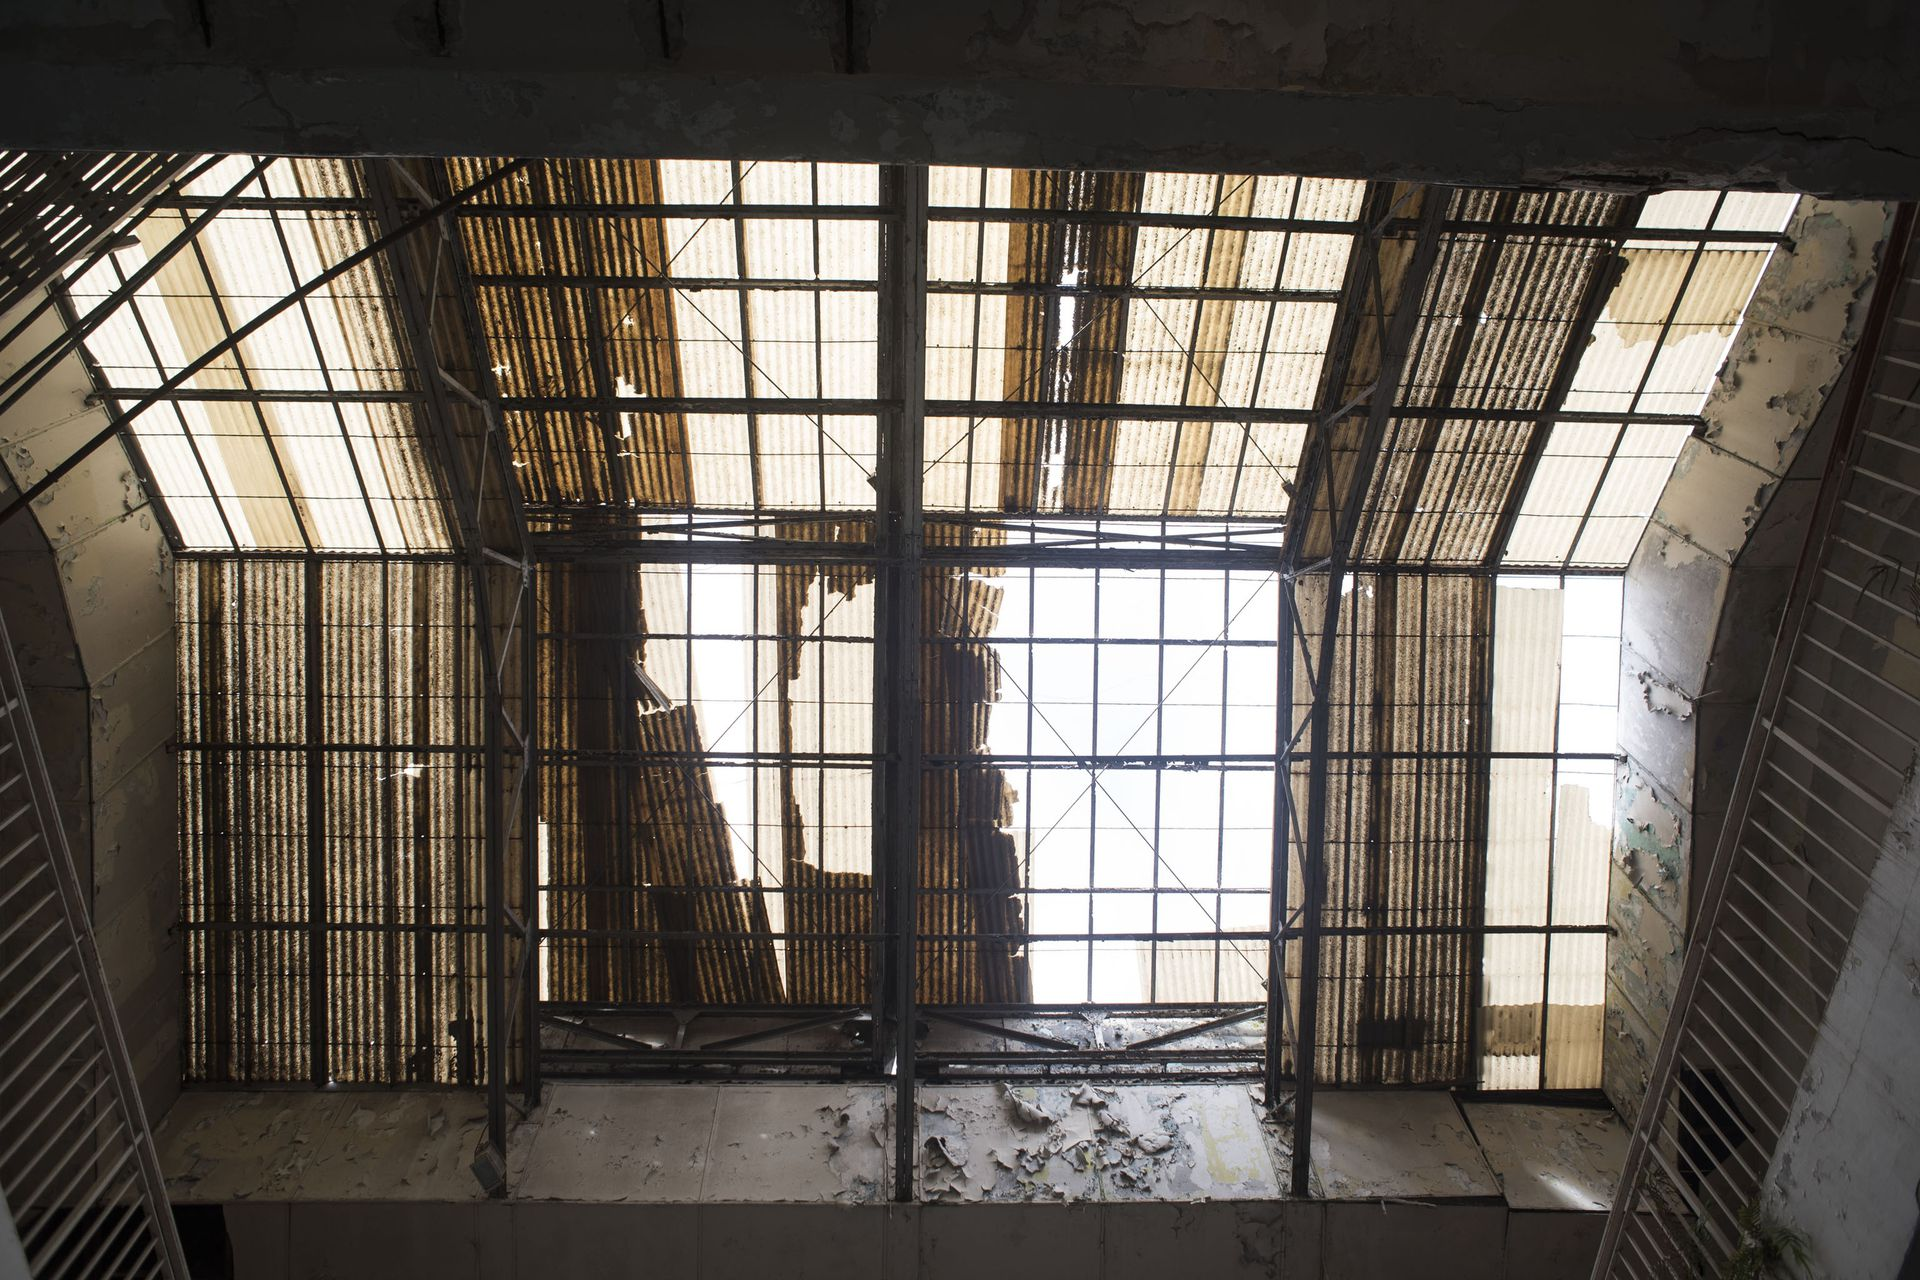 El inmueble tiene 60 metros de profundidad y perforaron 12 metros por debajo de su estructura